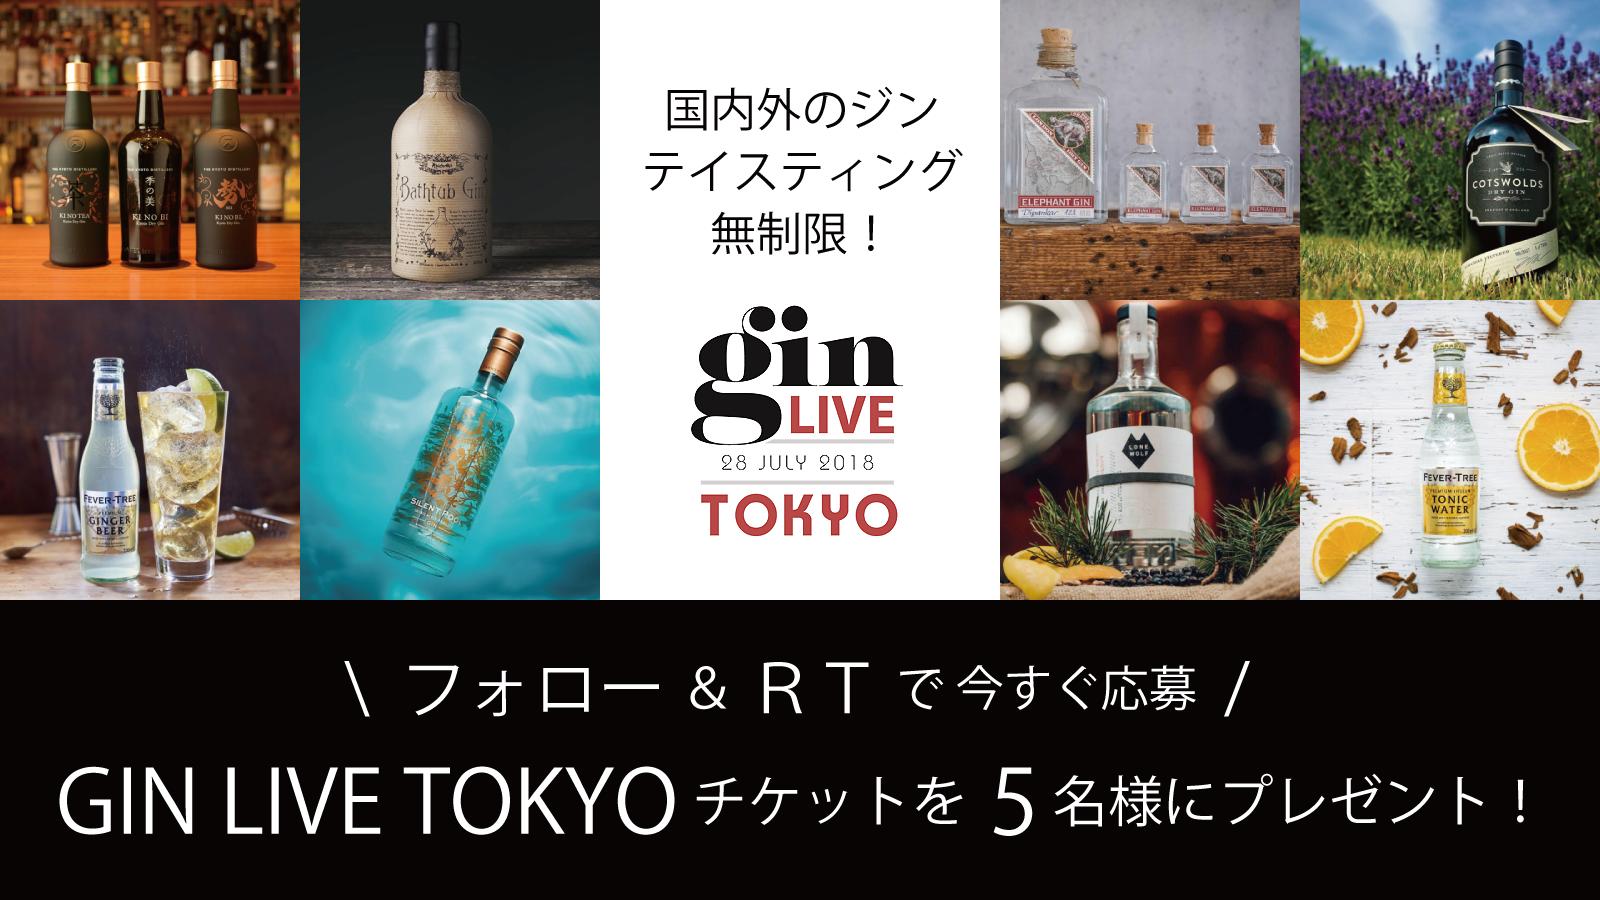 「GIN LIVE Tokyo 2018」チケットプレゼントキャンペーン